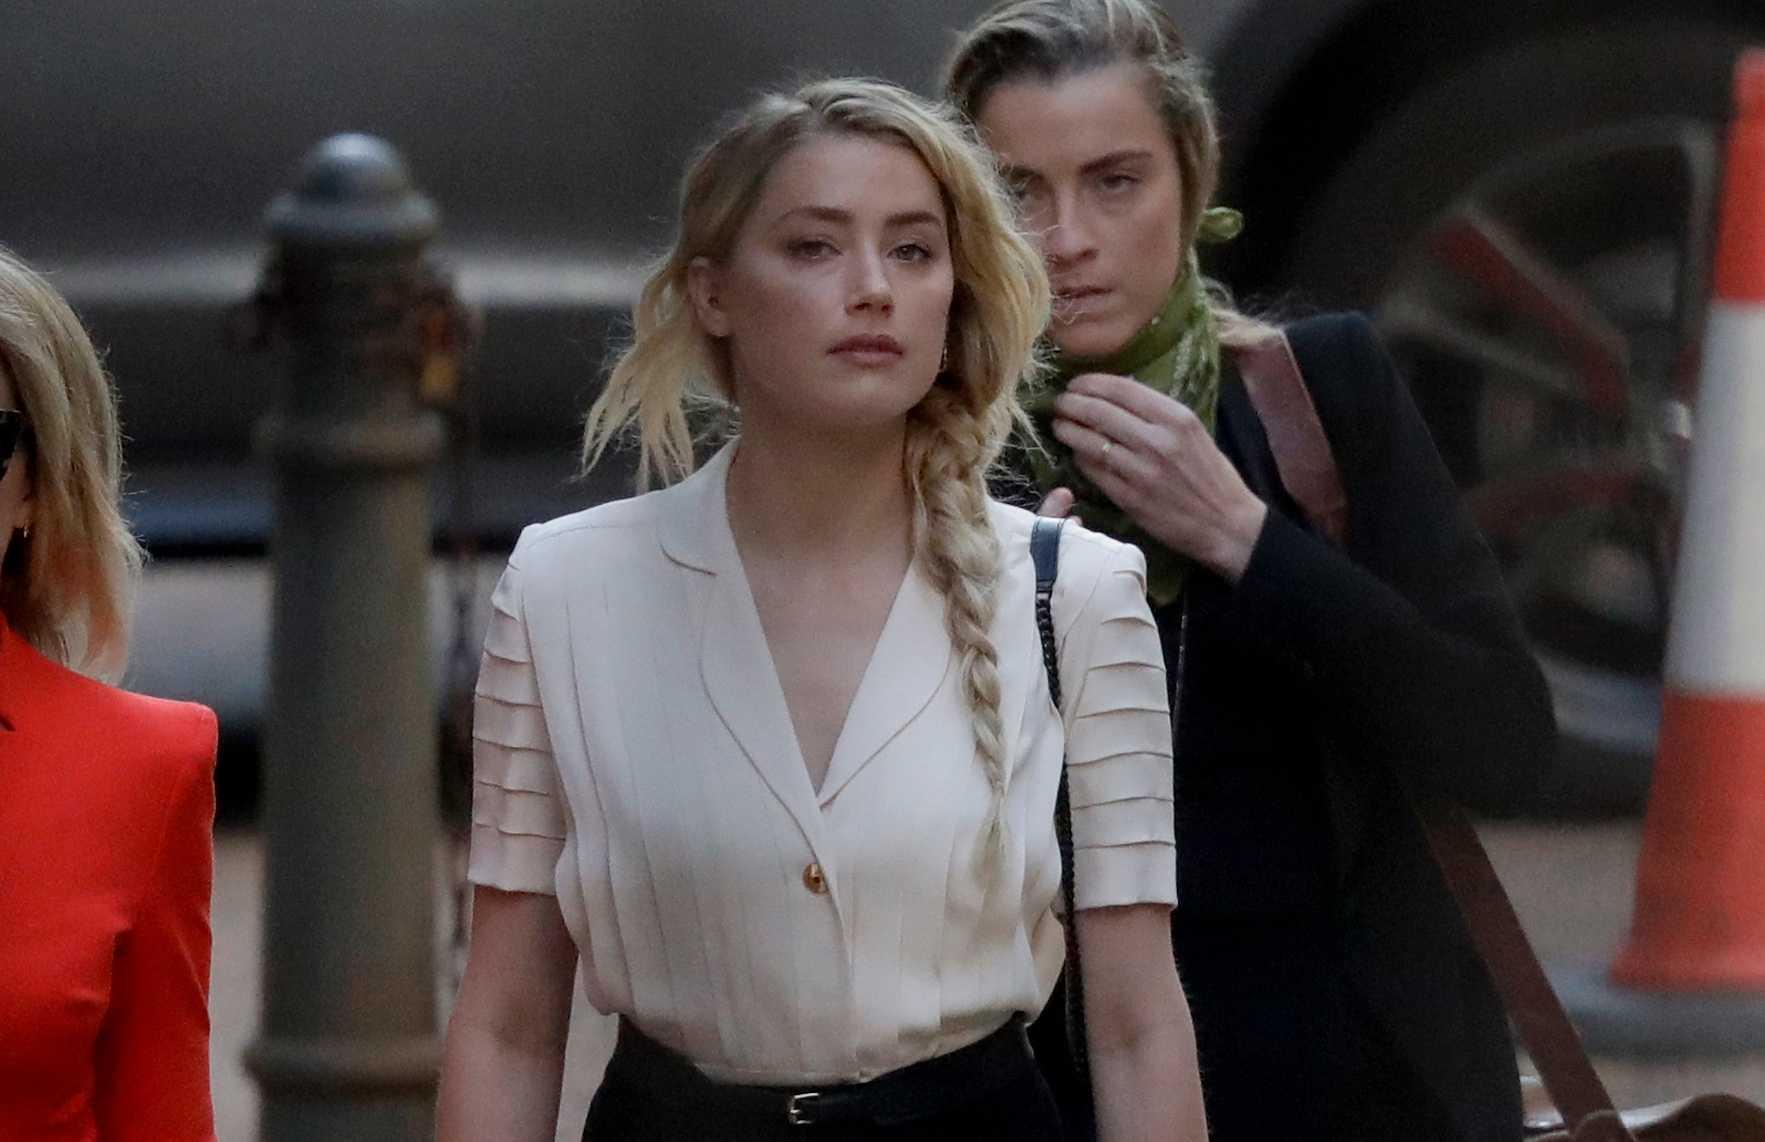 Amber Heard anländer till domstolen i London under måndagen.